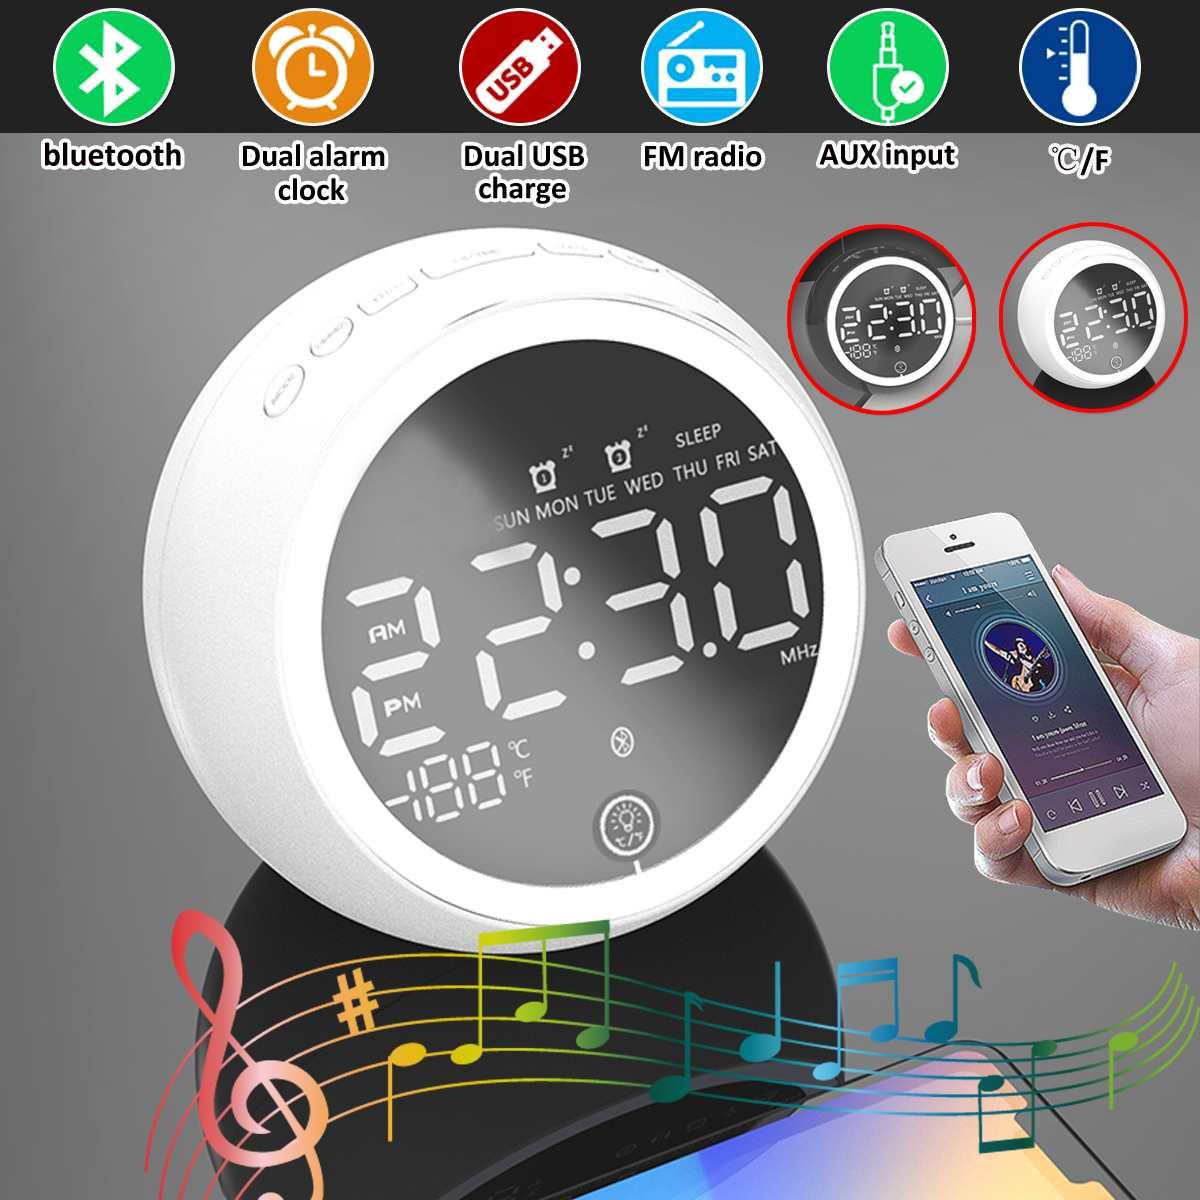 Alarme duplo digital led, sem fio, bluetooth, alto-falante, rádio fm + carregador usb, porta de carregamento, reprodutor de música, temperatura de soneca